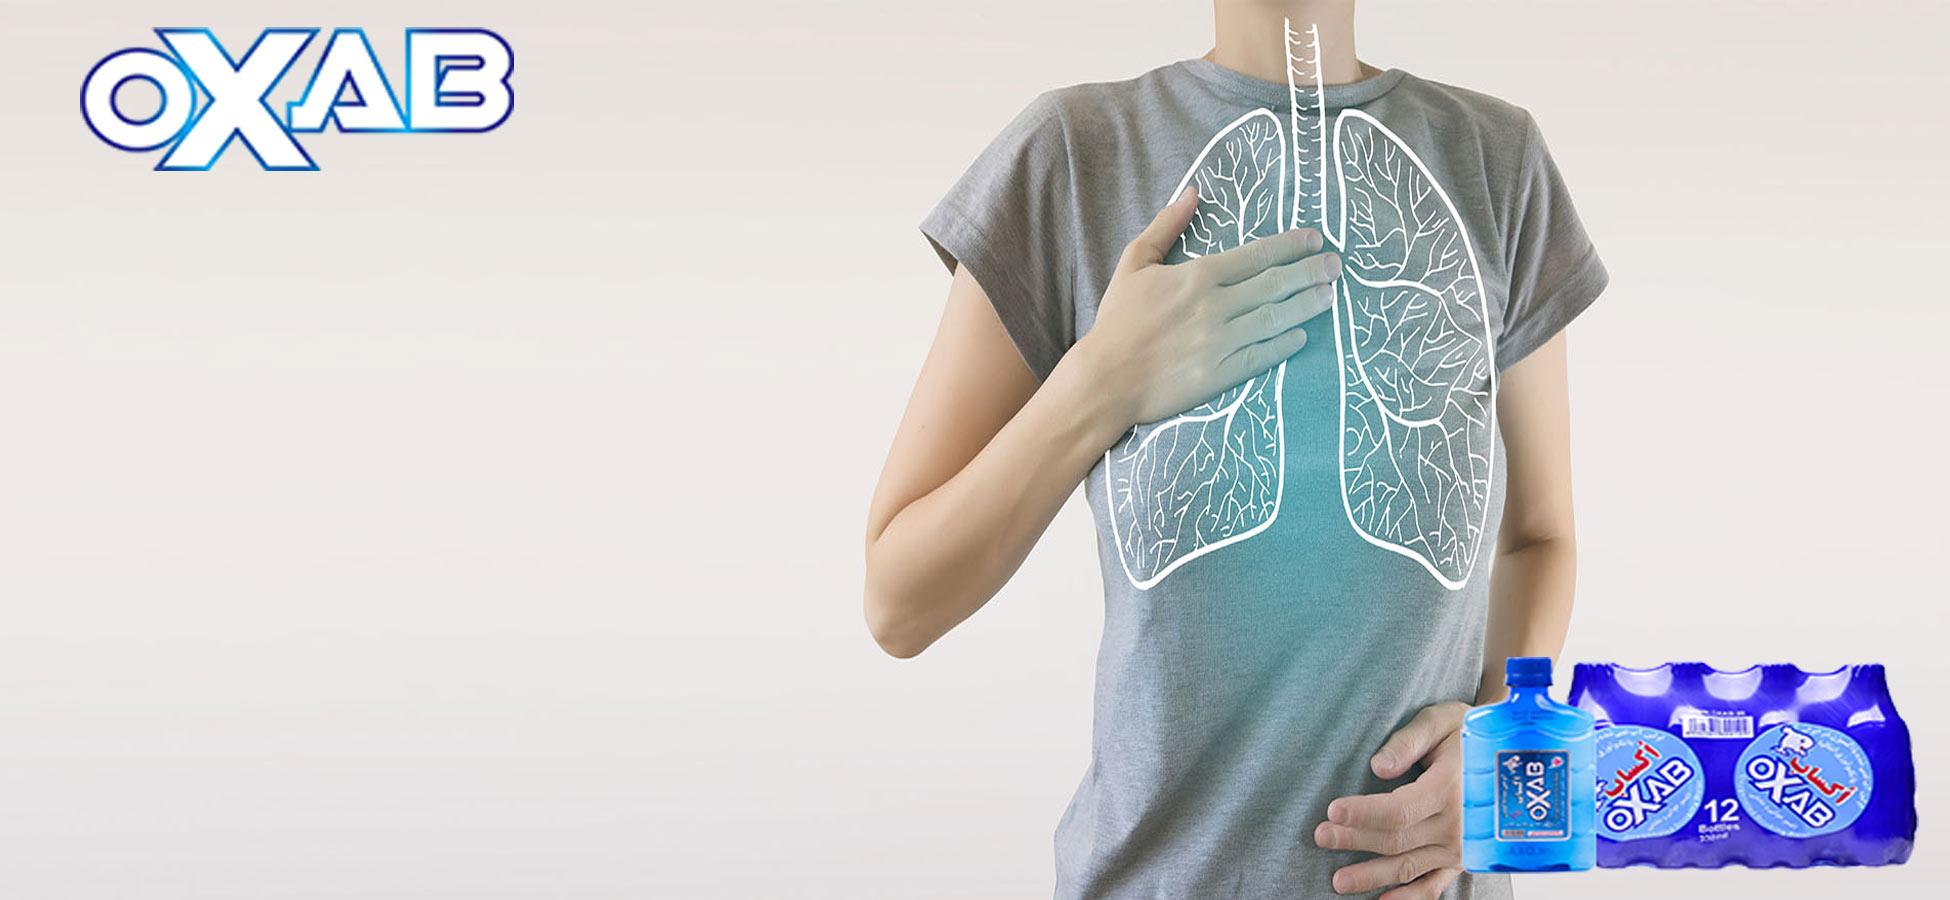 نشانه های کمبود اکسیژن در خون